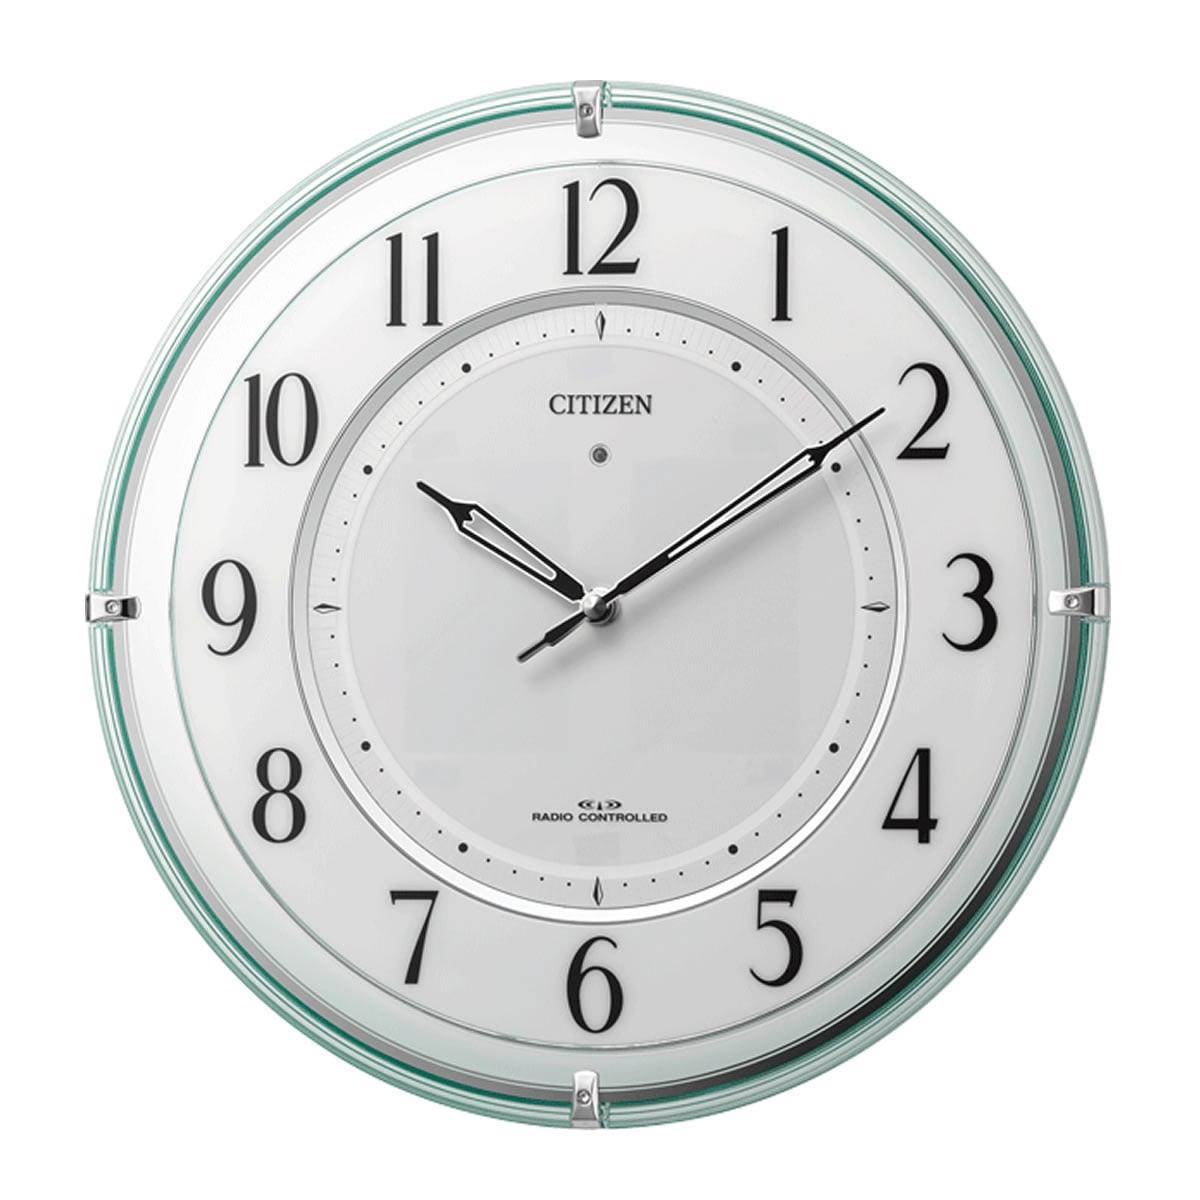 CITIZEN(シチズン) ソーラー電波掛け時計  4MY851-005